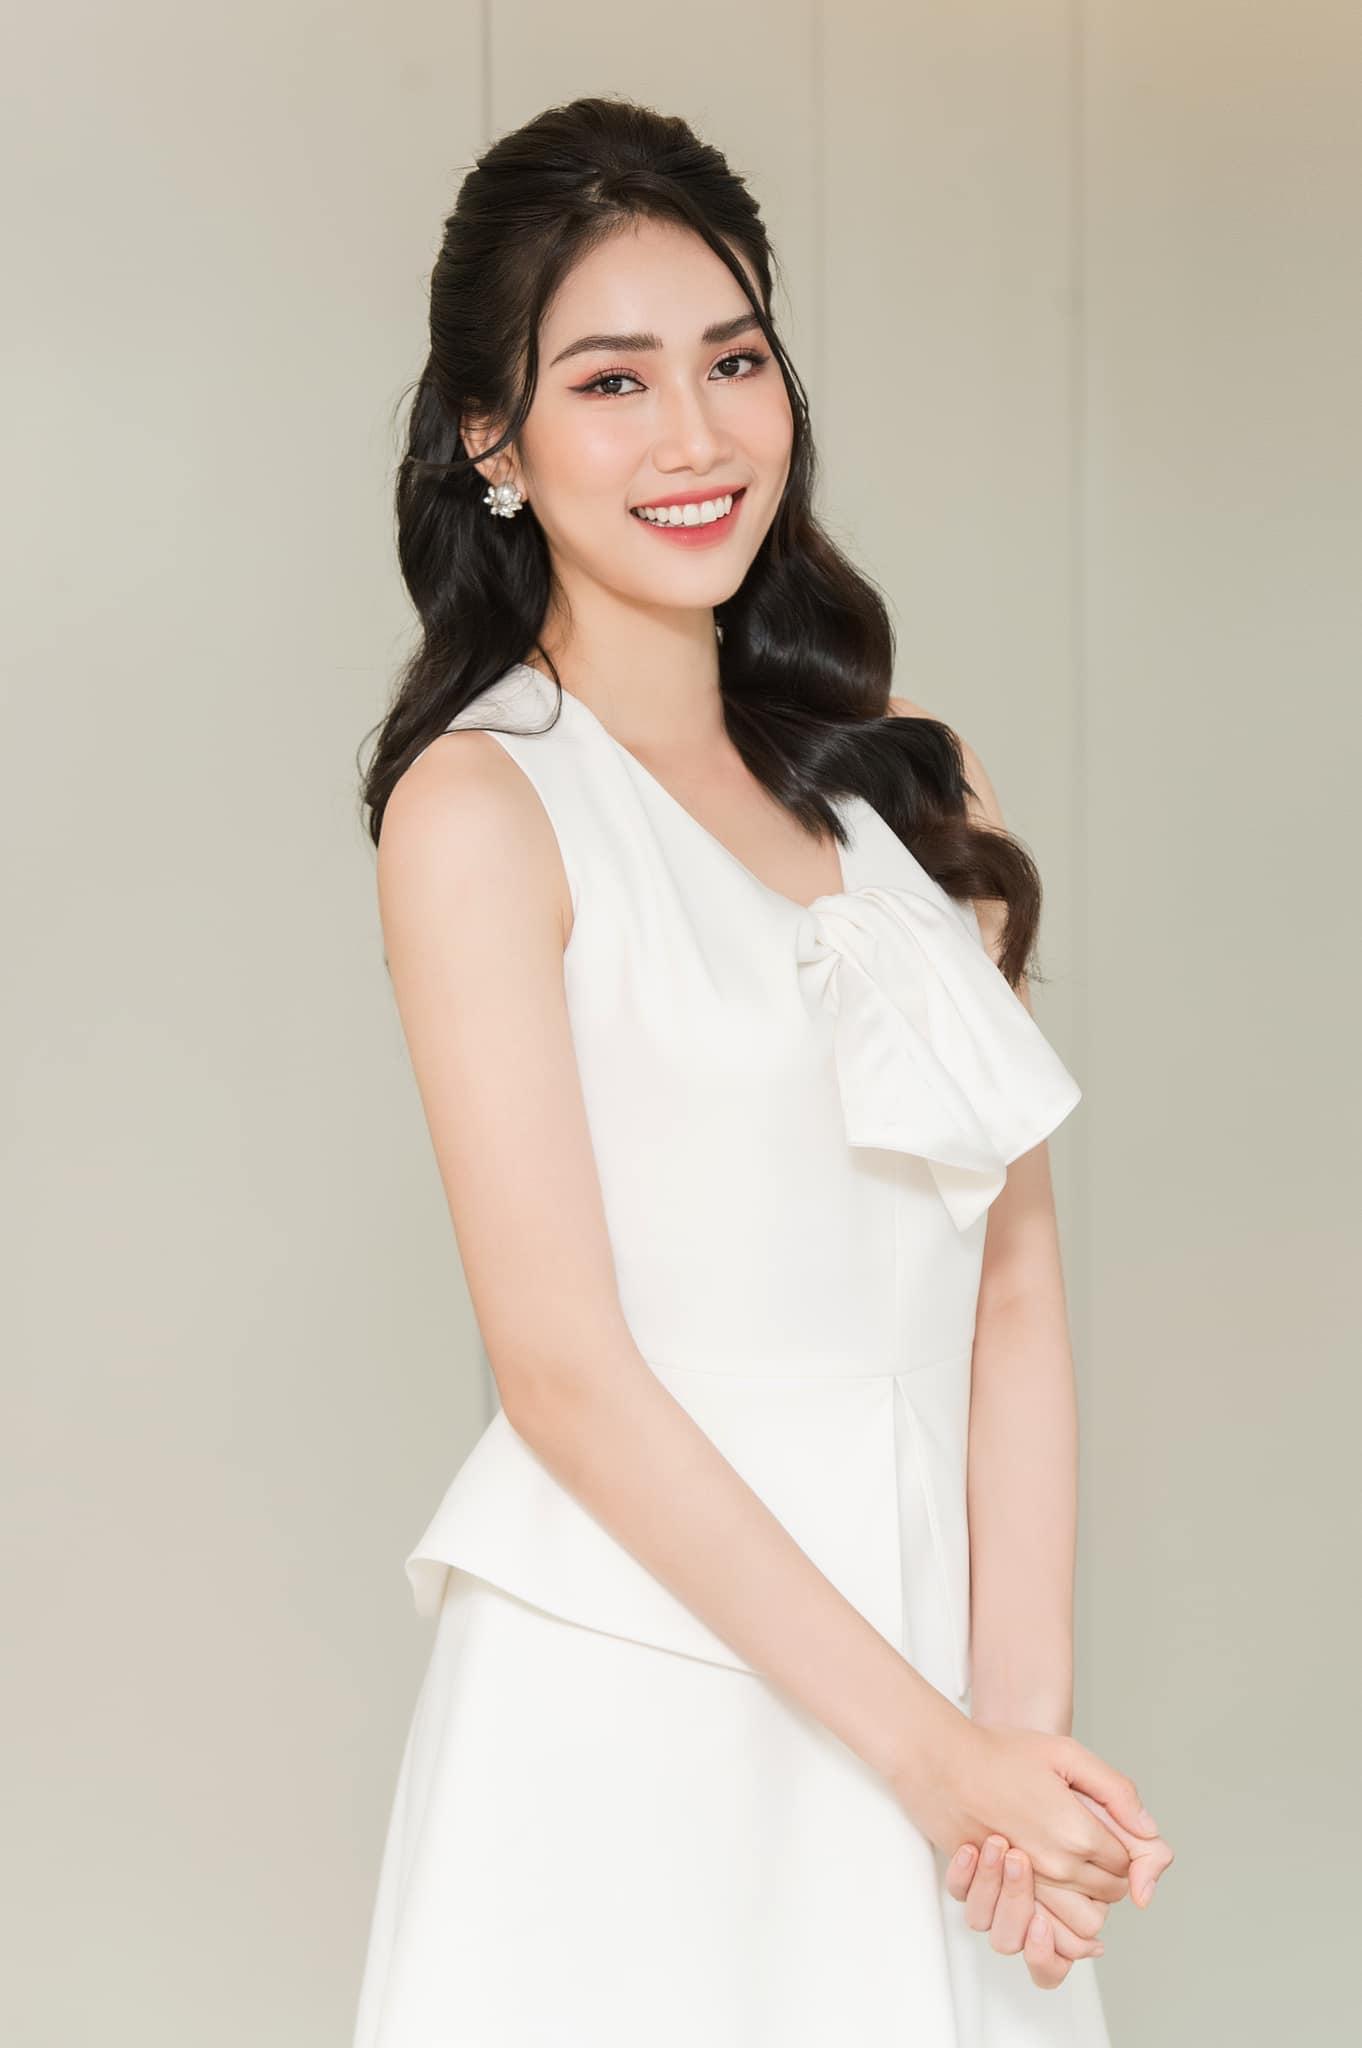 Năm nay, Phương Anh sẽ lên đường sang Nhật đại diện Việt Nam dự thi Miss International 2021, cùng thời điểm với Đỗ Thị Hà. Ngay từ lúc này, nhan sắc và thành tích nổi bật đã giúp cô được đánh giá là ứng viên rất tiềm năng.